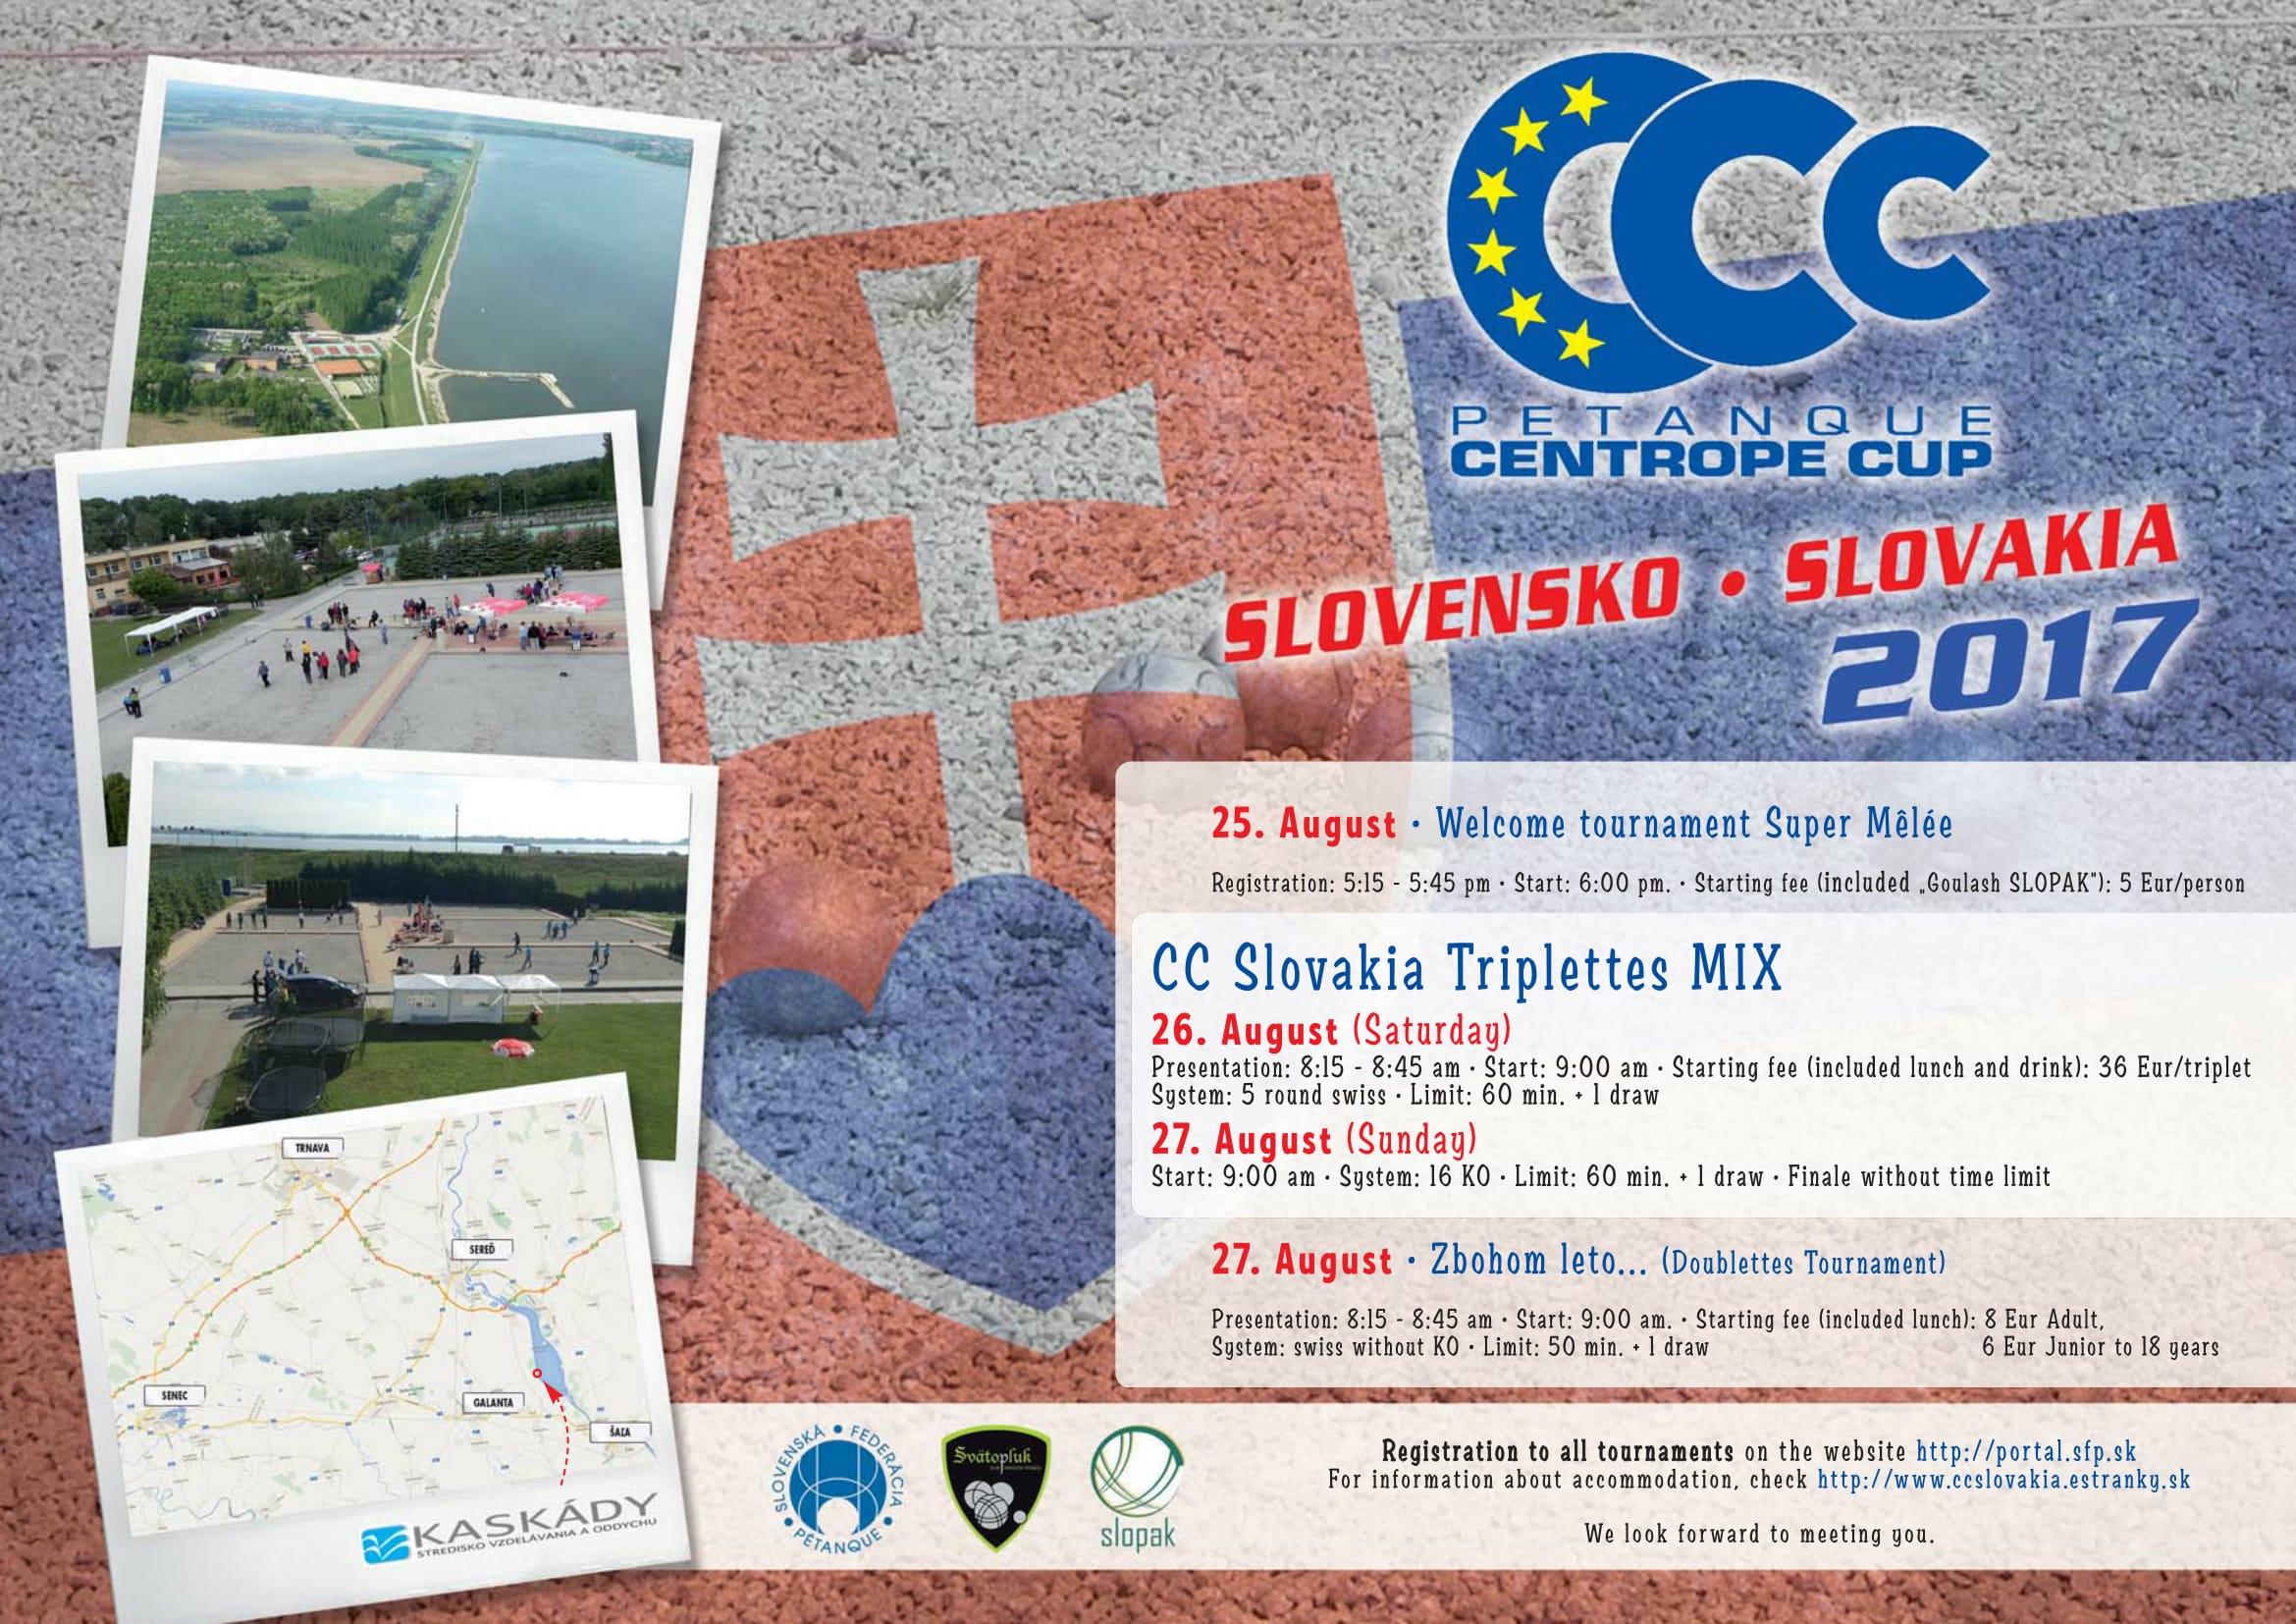 - cc_slovakia_2017_svk_eng-2.jpg